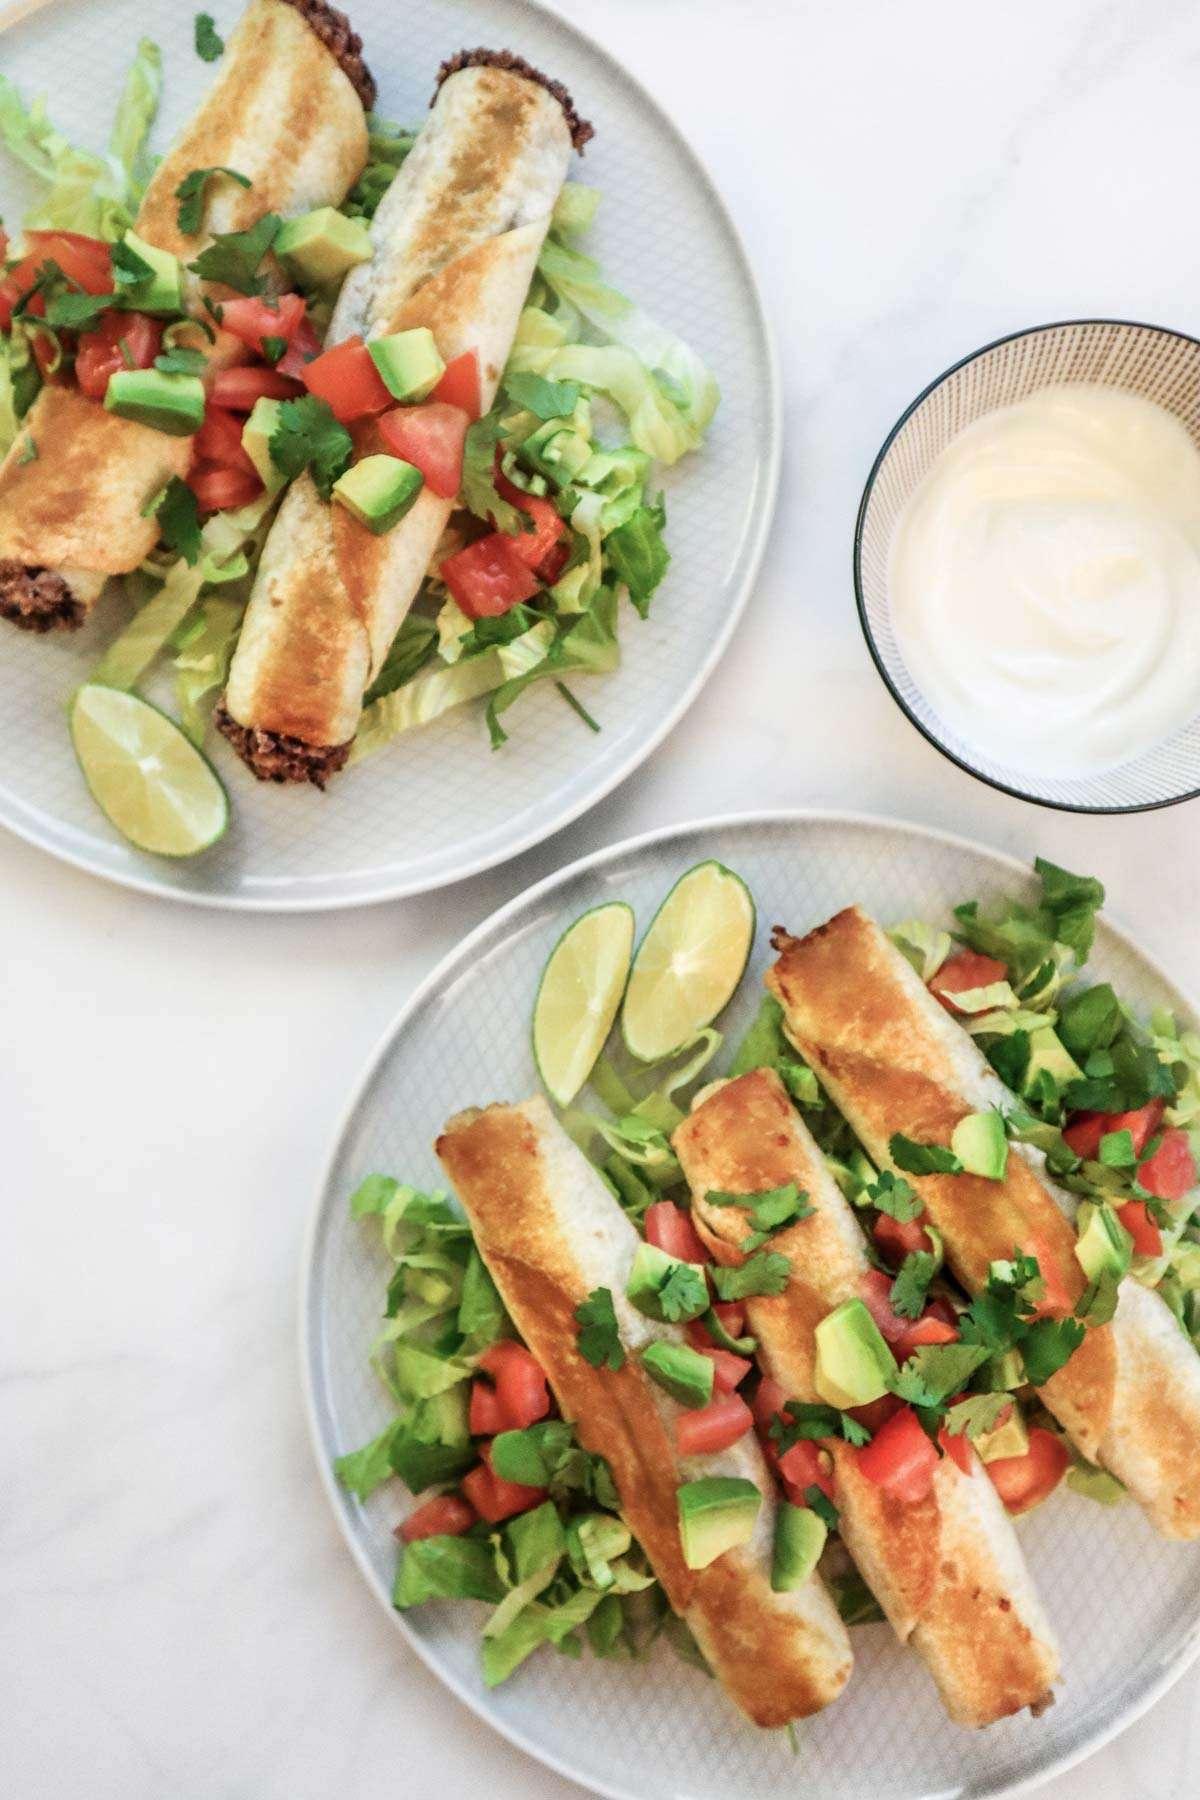 Recette de meal prep à congeler:  Tacos croustillants aux haricots (taquitos ou flautas)